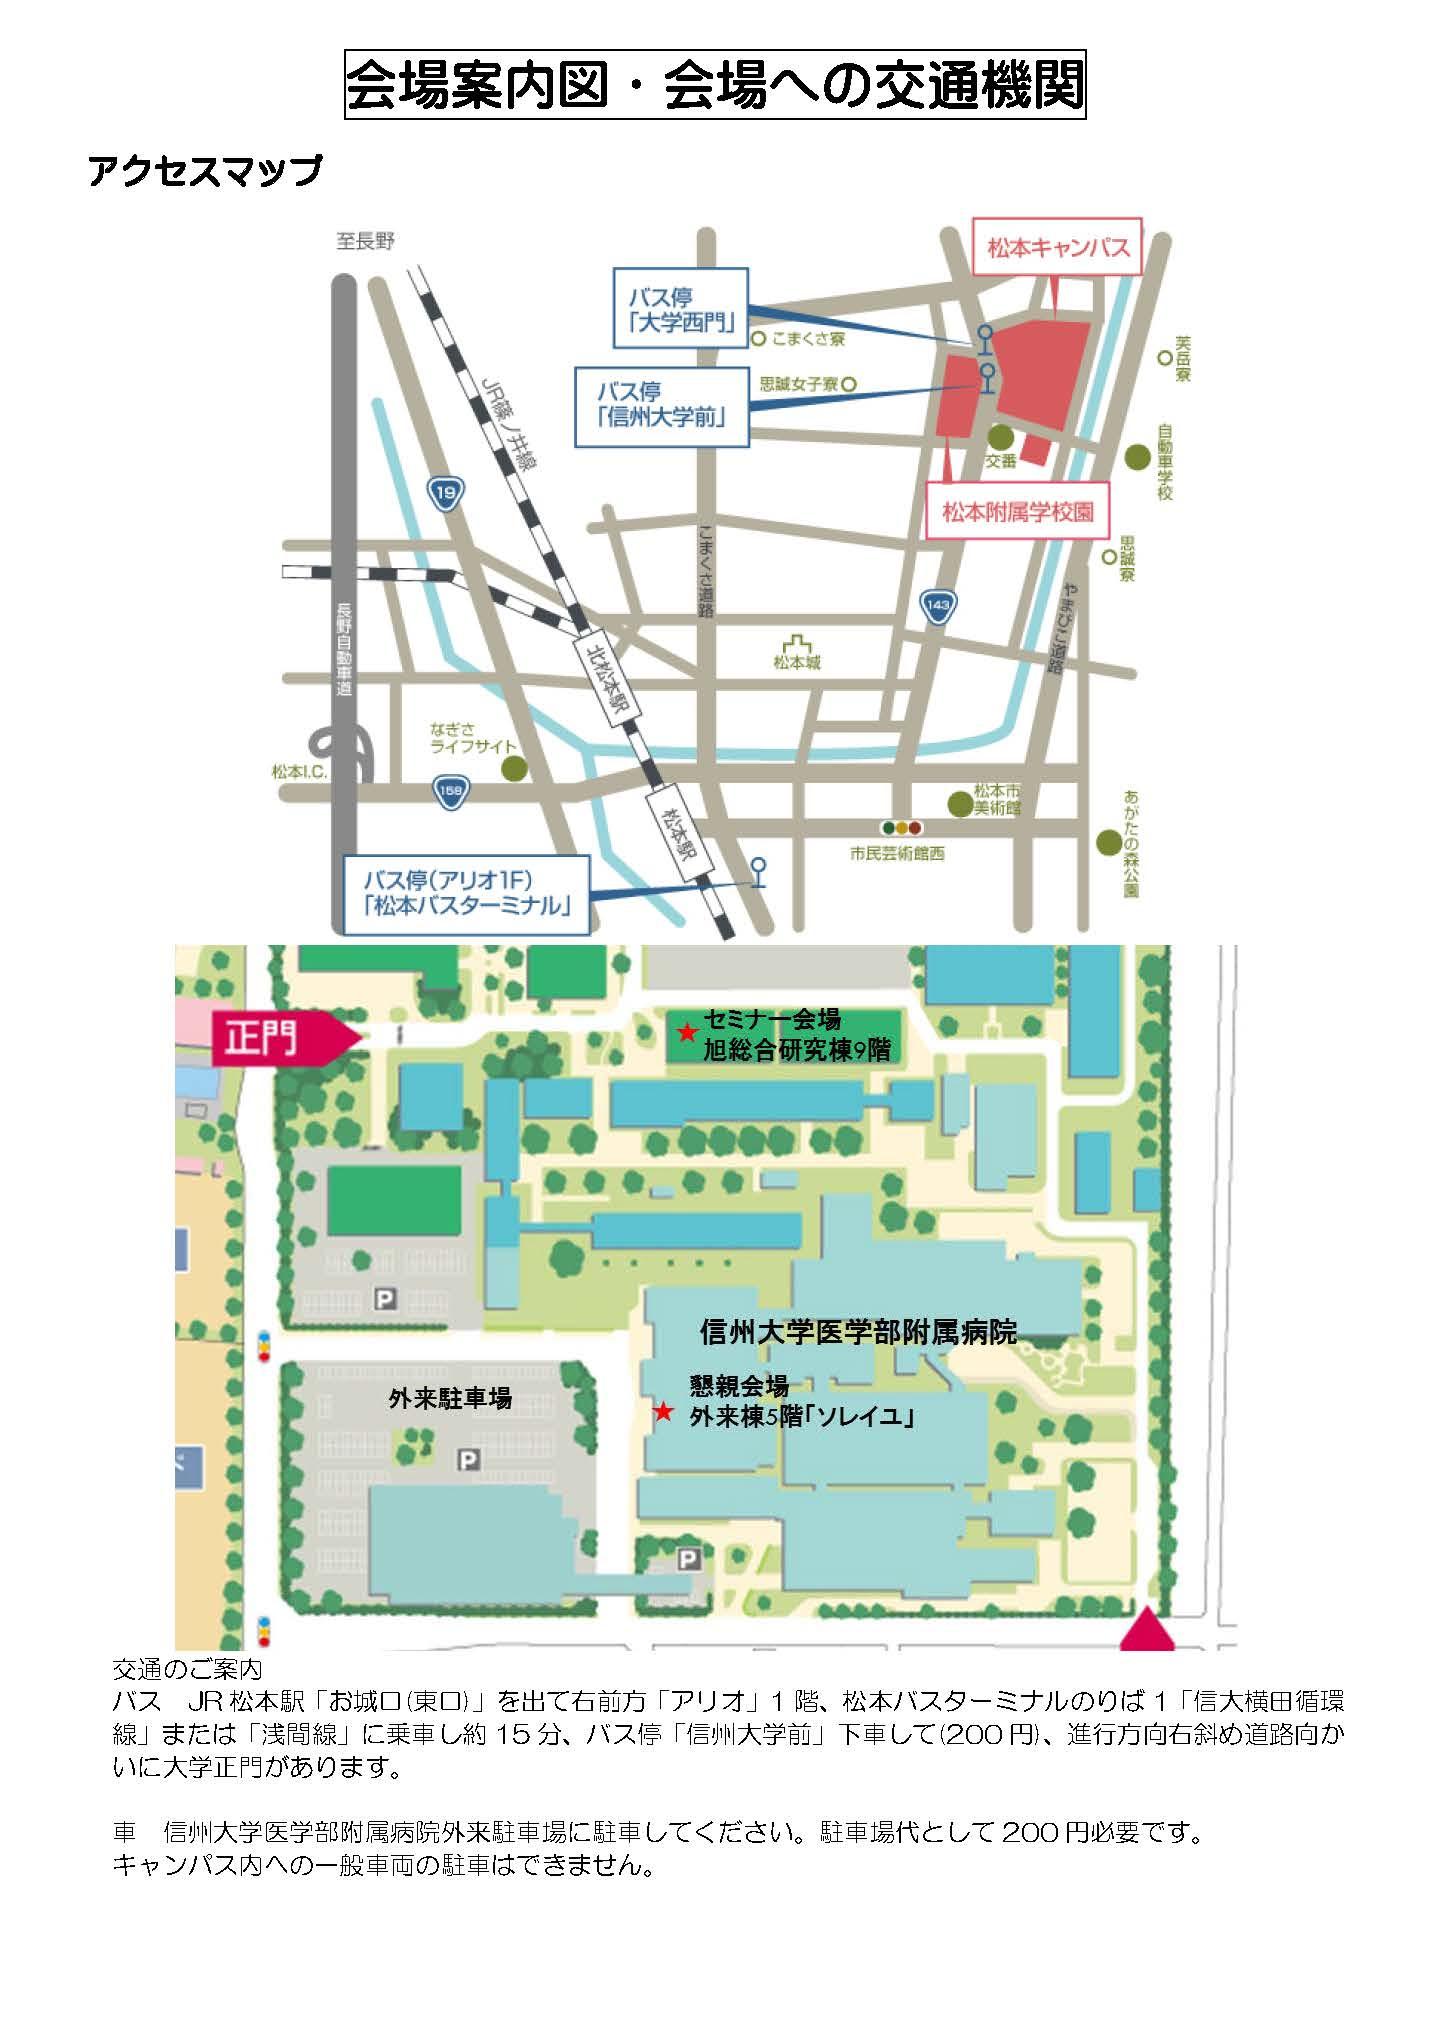 医療関連感染防止セミナーin松本_チラシ(最終)_ページ_3.jpg